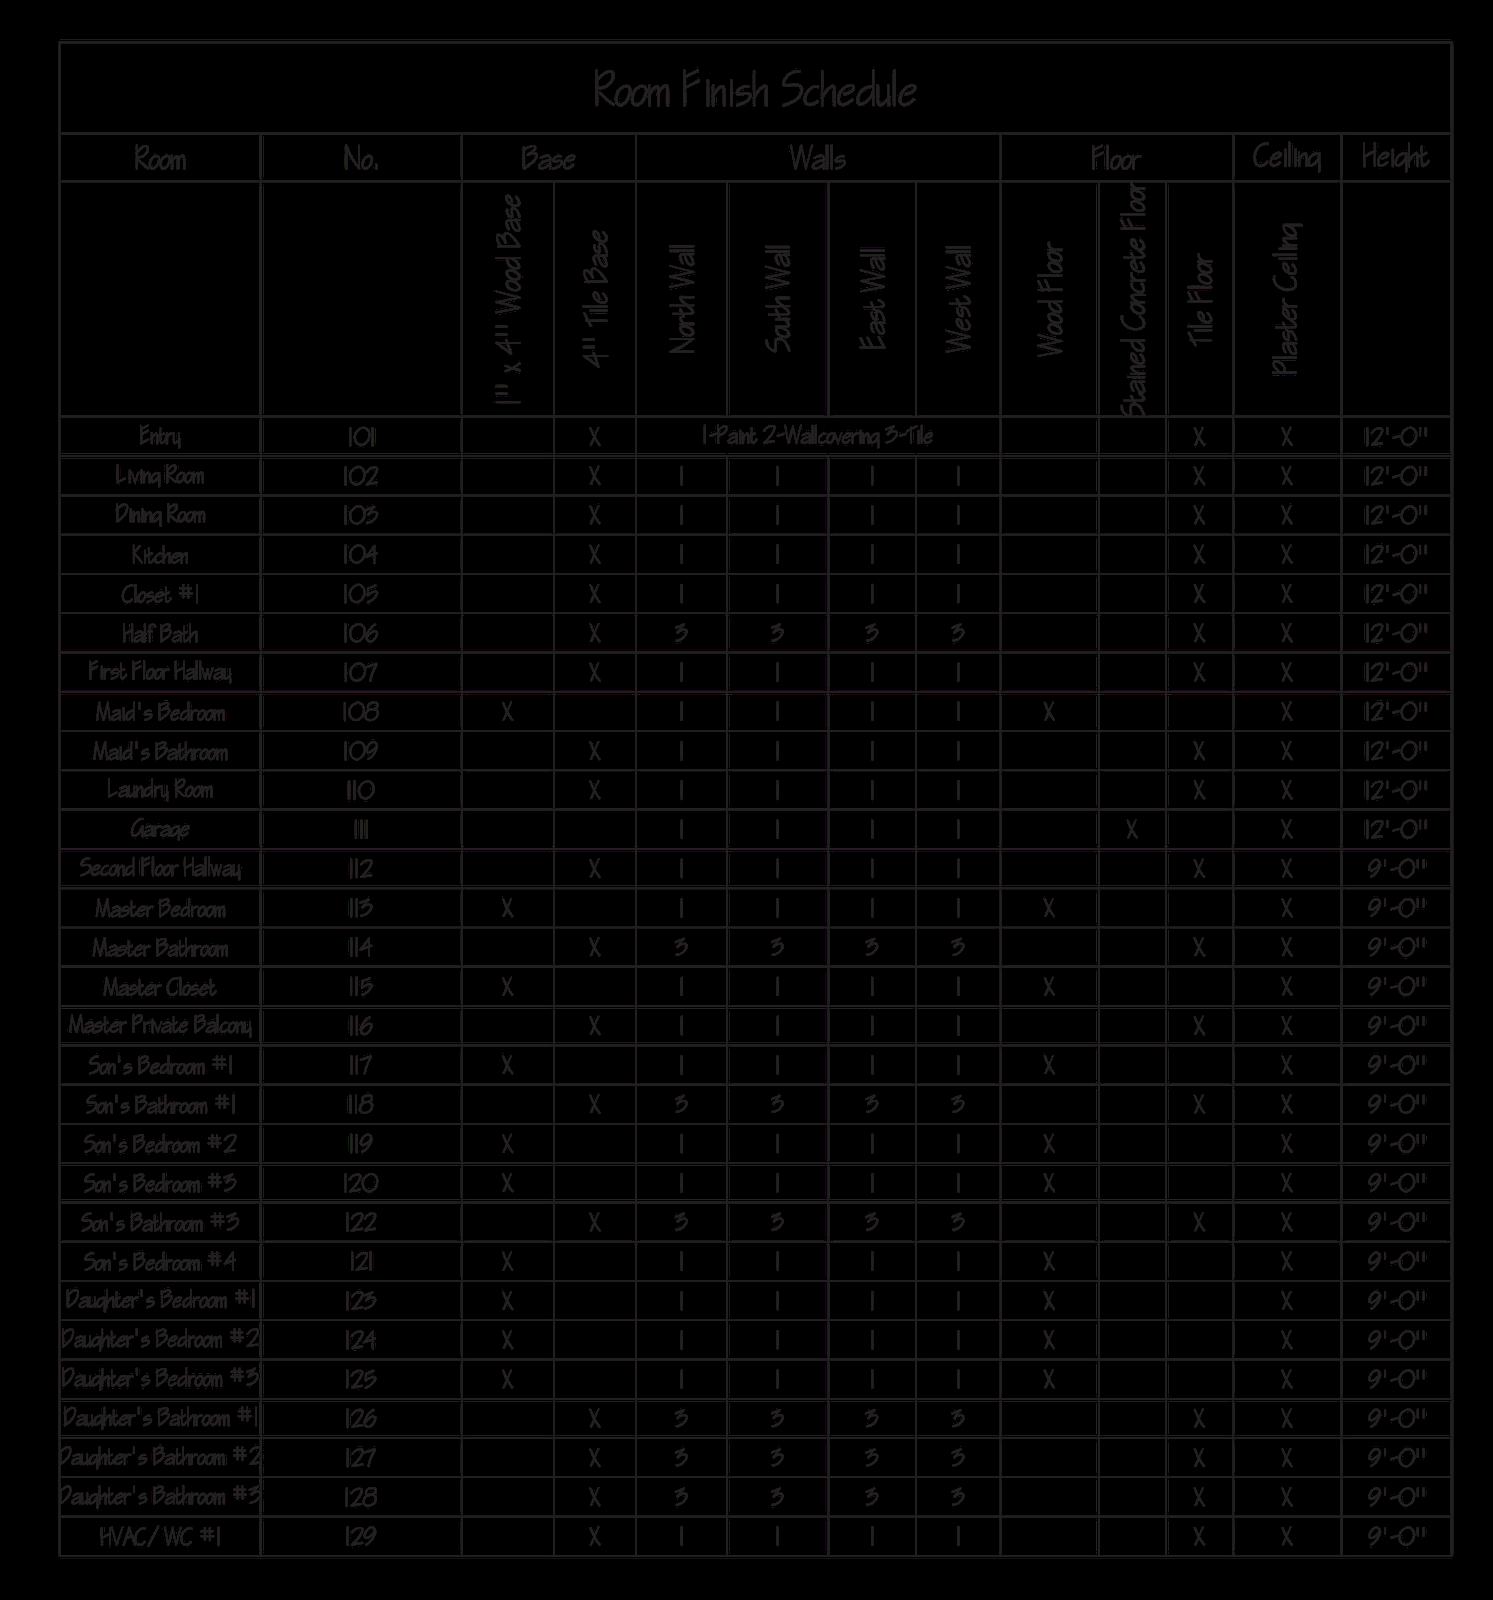 Interior Design Furniture Schedule Example